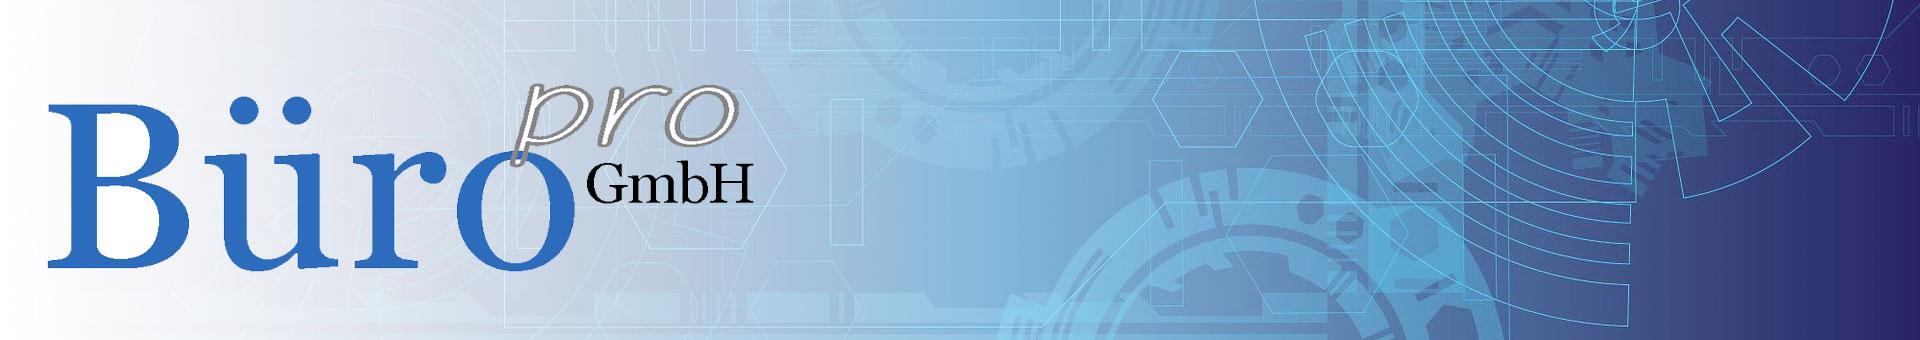 Webseite der Büro pro GmbH